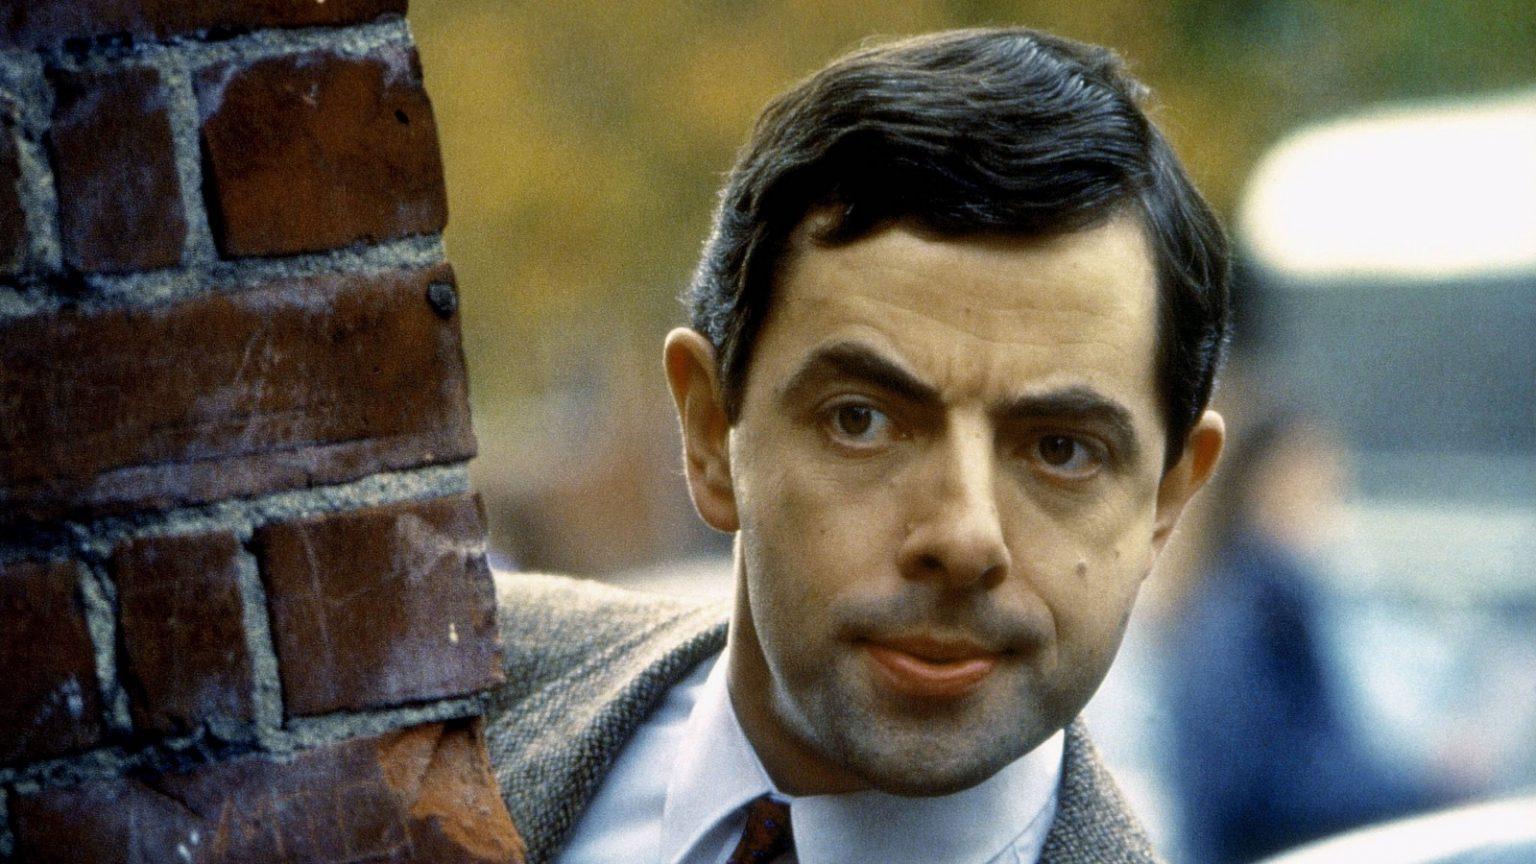 مستر بین (Mr Beanپ) یک مرد احمق با رفتارهای کودکانه است که شیرین کاری های دیوانه وارش او را از زمان اولین خرابکاری اش در سال 1990 به یک شخصیت جهانی تبدیل کرد.